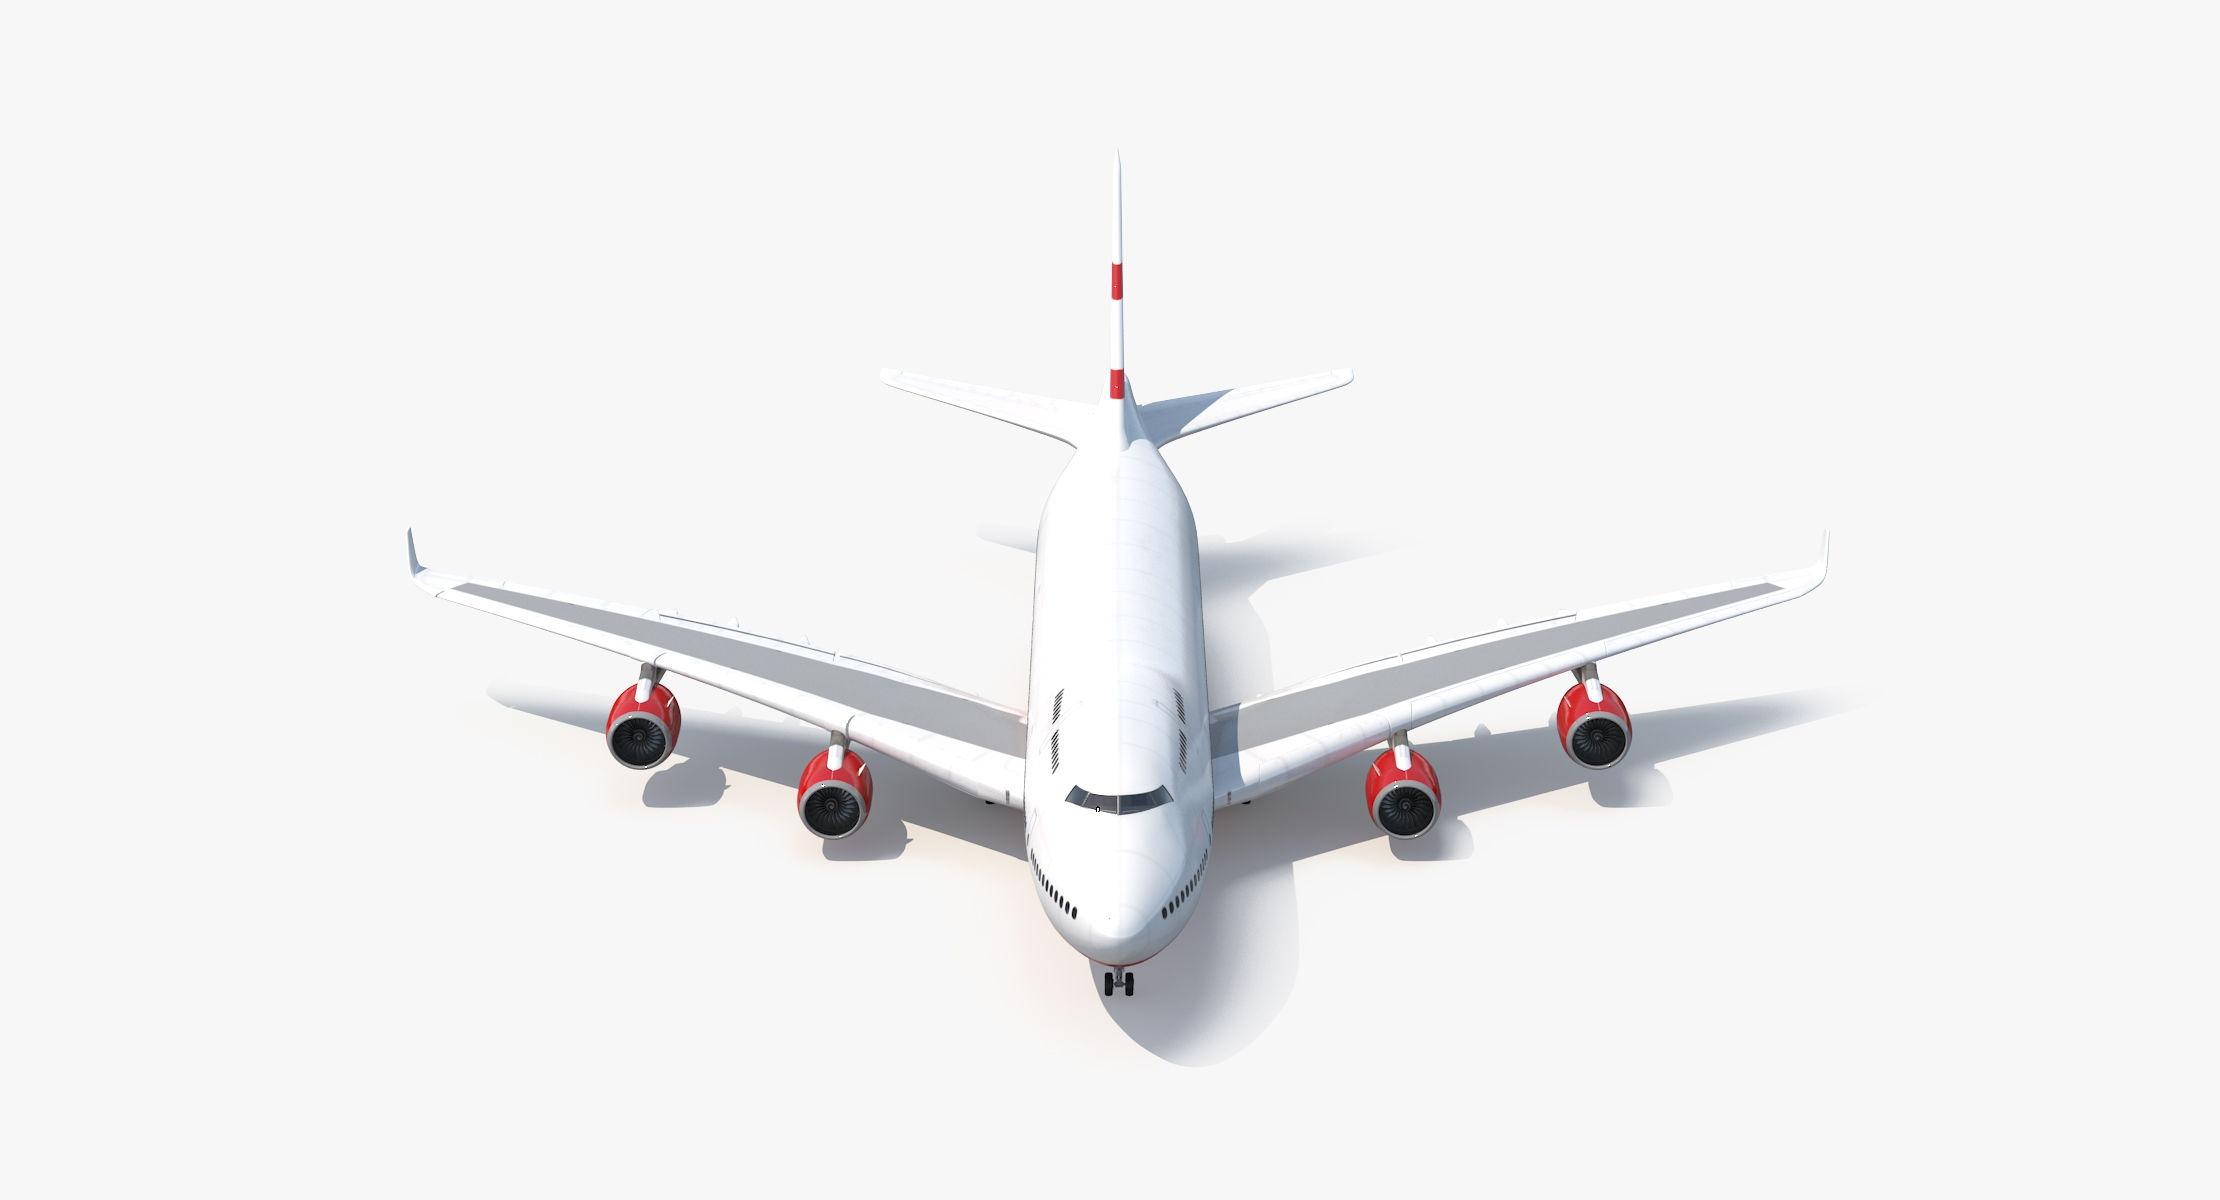 Airliner 02 - reel 1